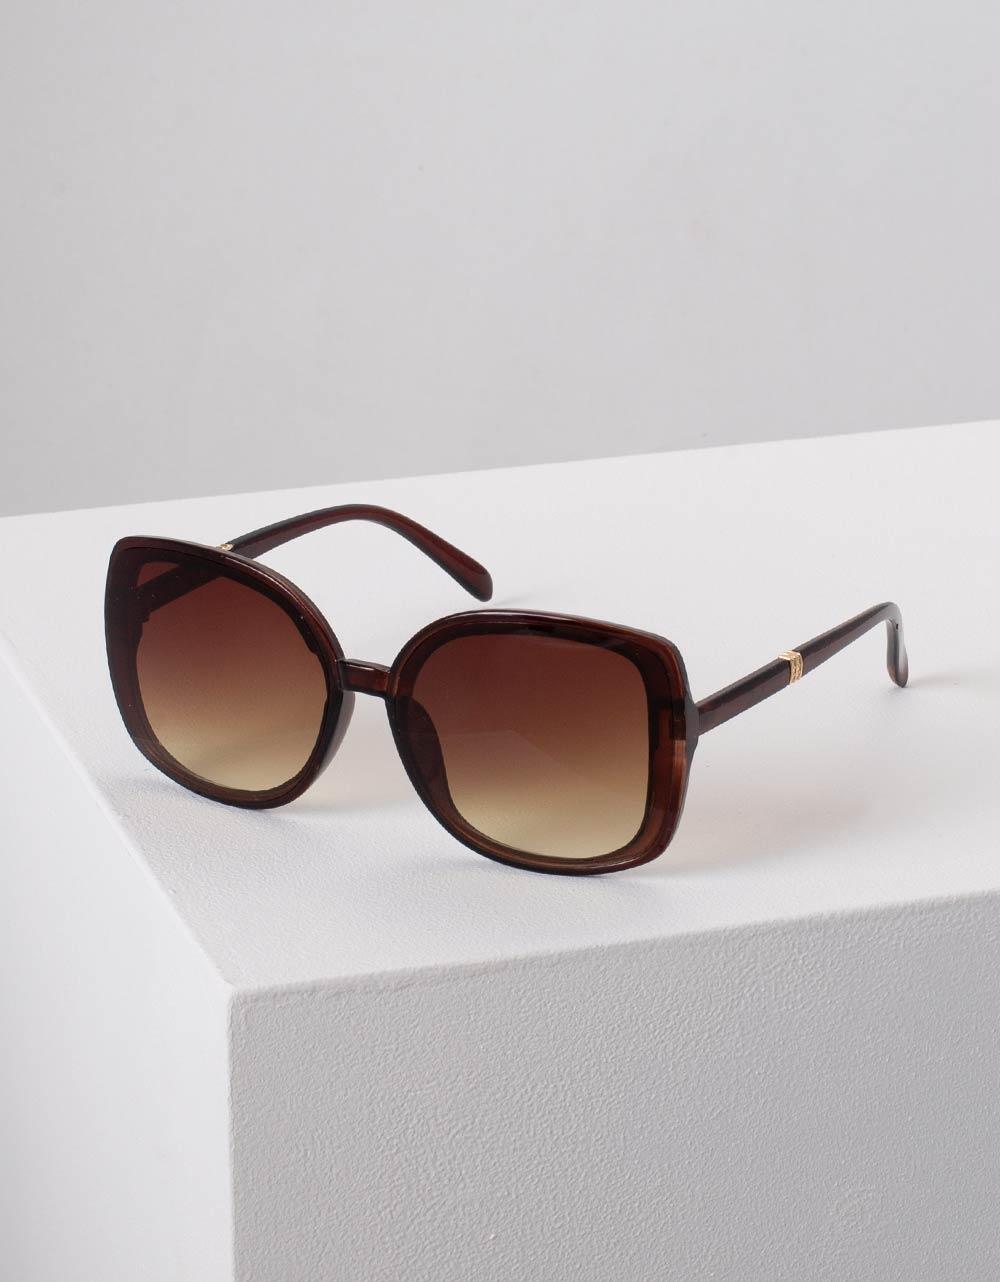 Εικόνα από Γυναικεία γυαλιά ηλίου στρογγυλά Καφέ